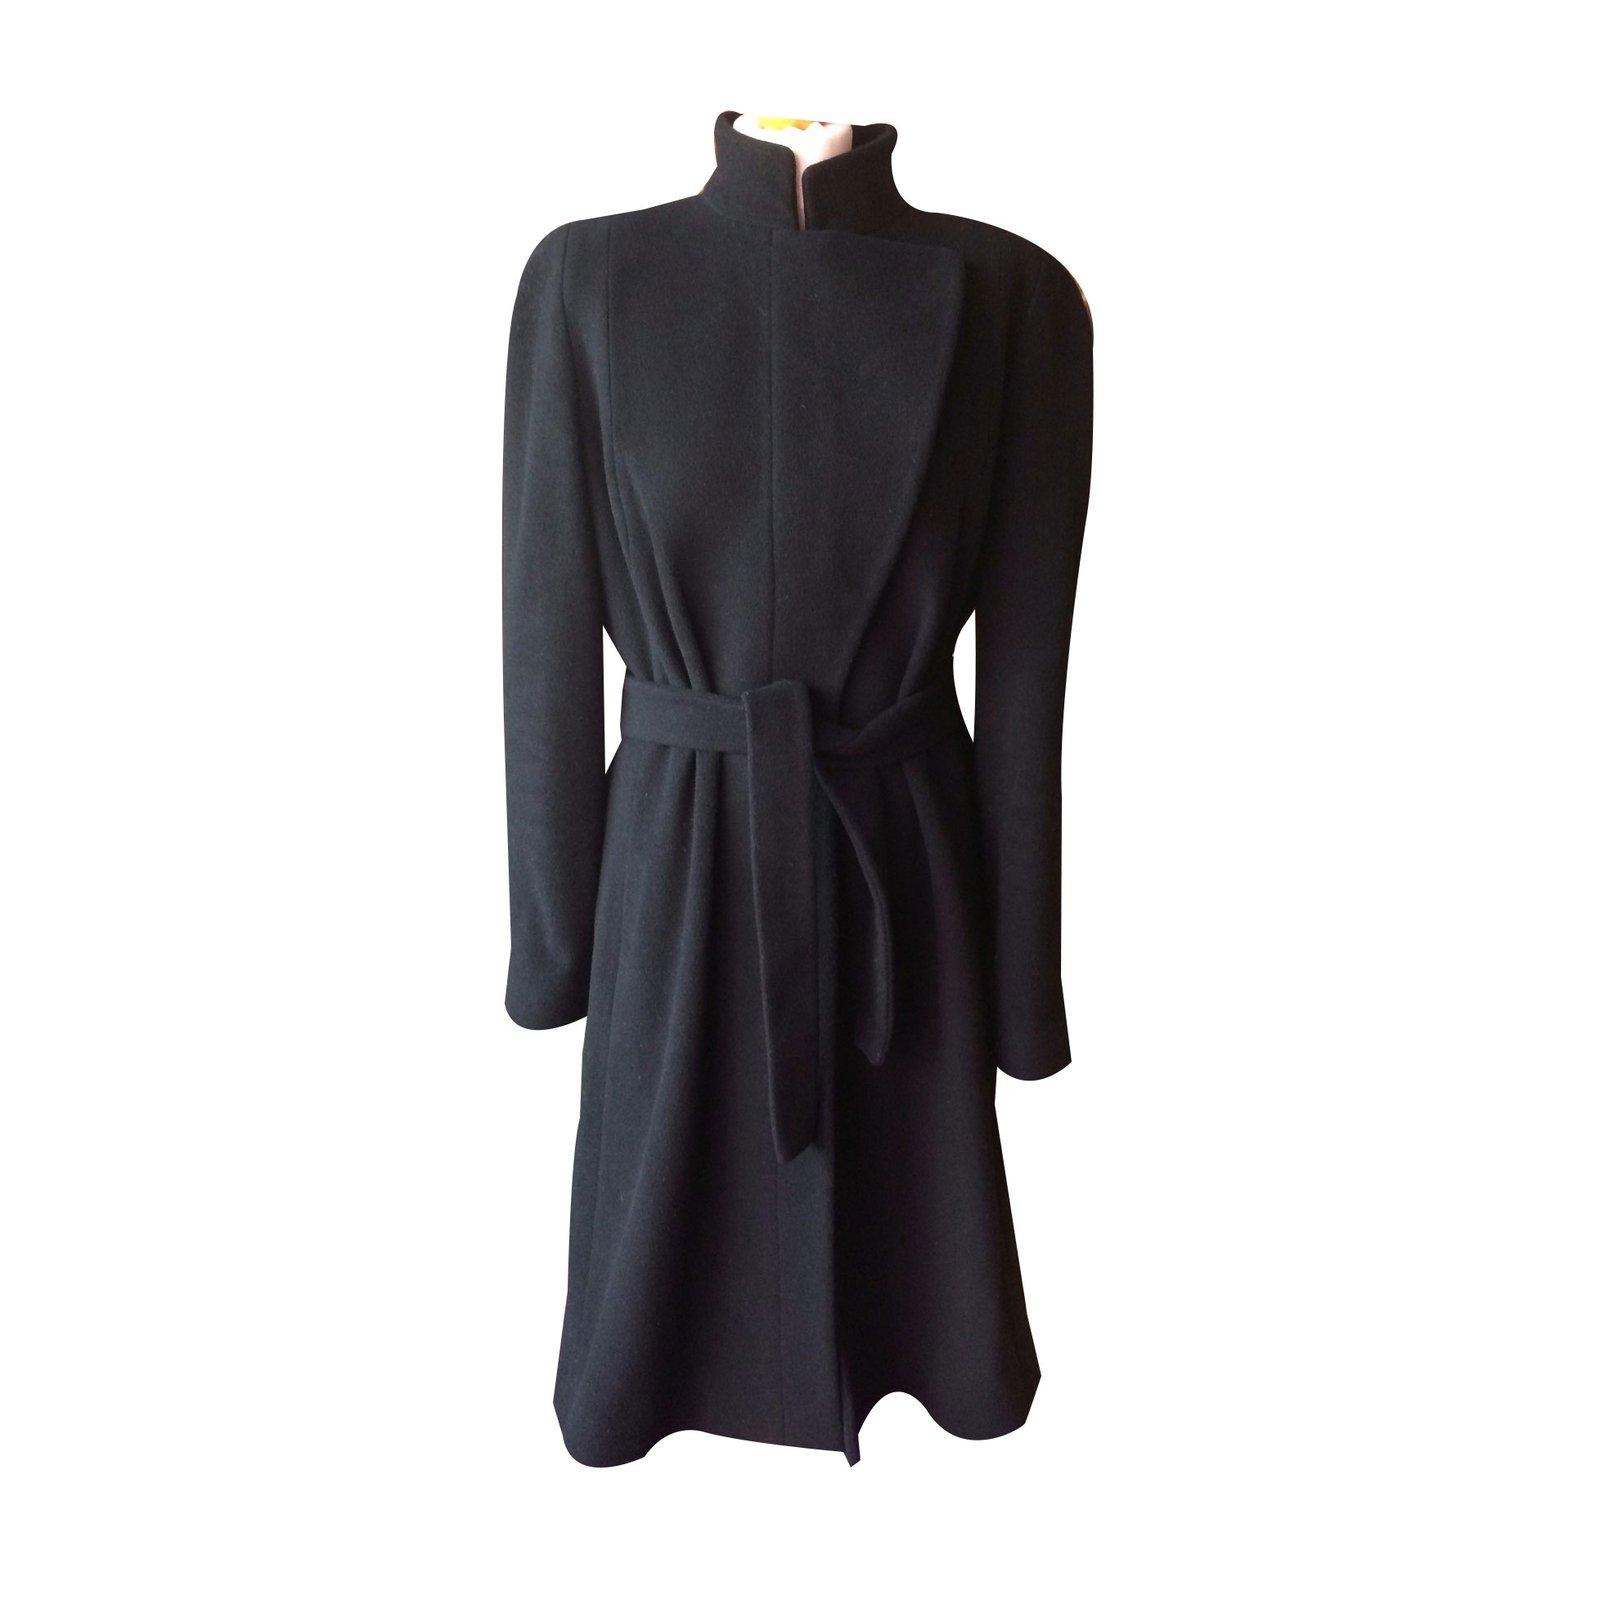 manteaux zapa manteau laine noir joli closet. Black Bedroom Furniture Sets. Home Design Ideas